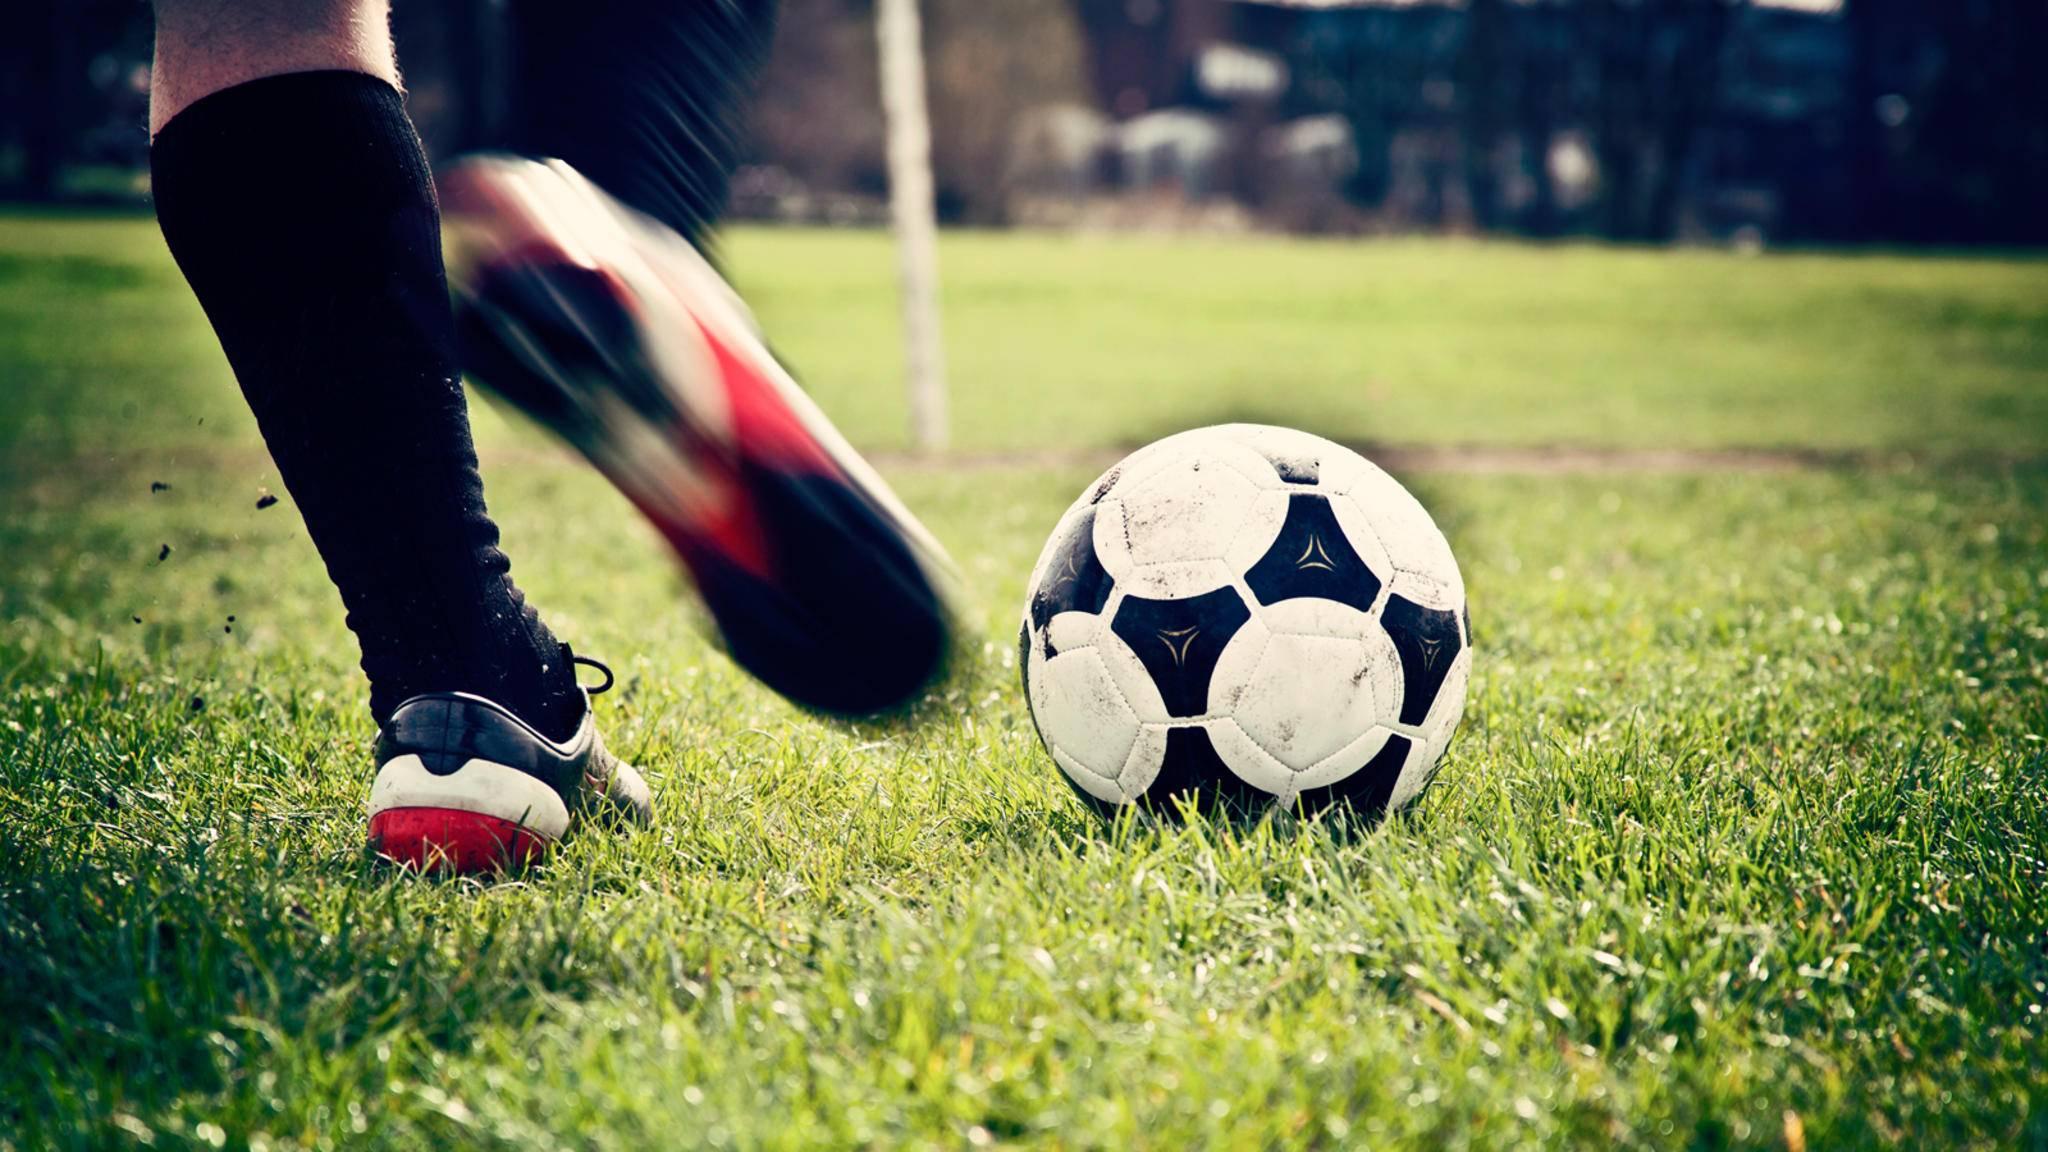 Mit smarten technischen Helfern kannst Du Dein Fußballspiel pünktlich zur WM 2018 verbessern.